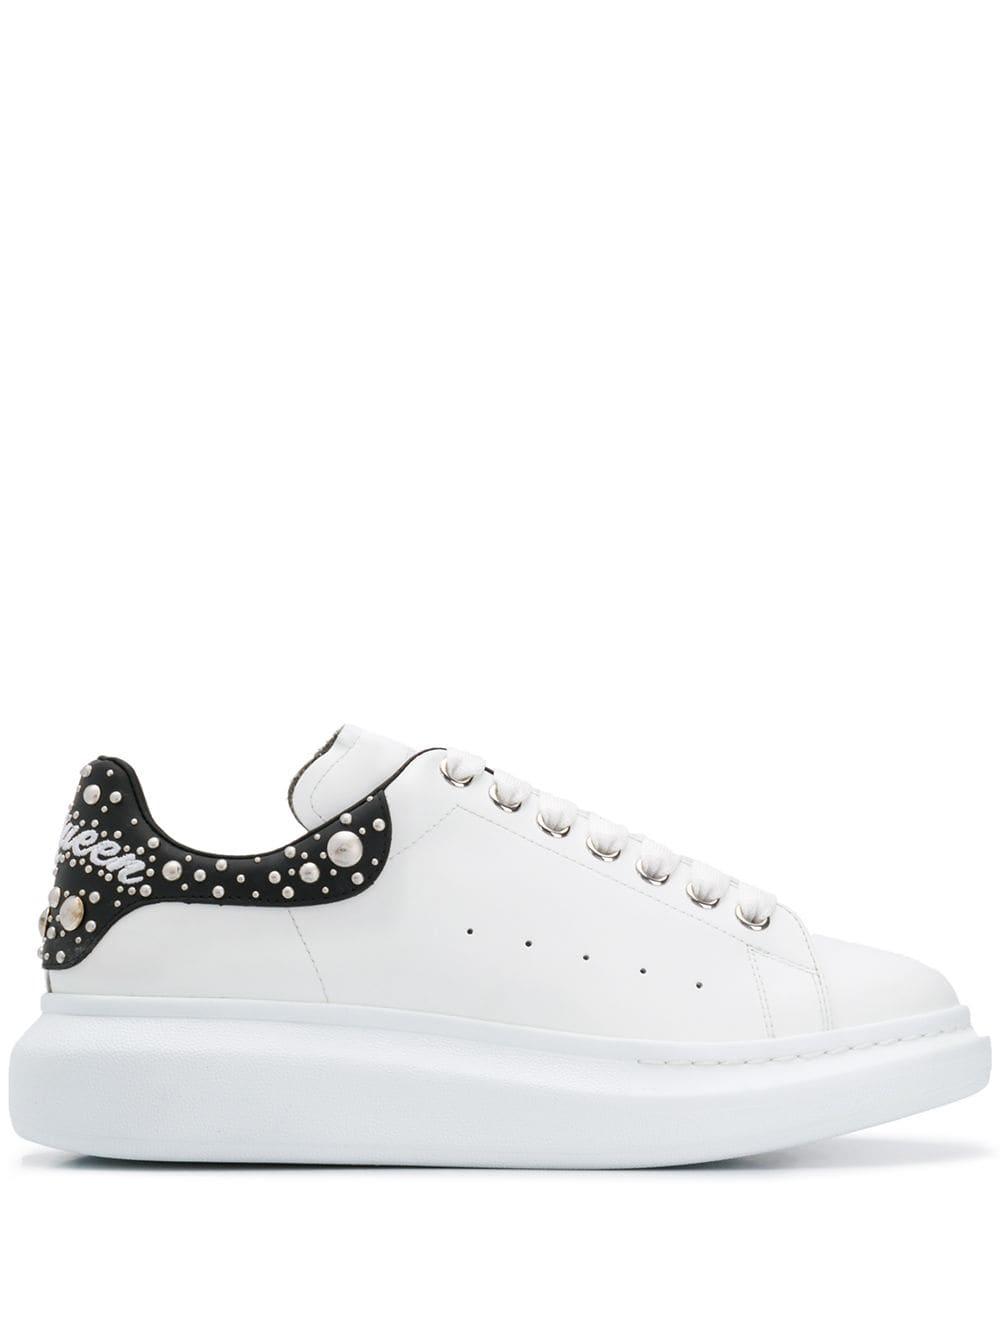 Alexander Mcqueen Oversize Sneakers In